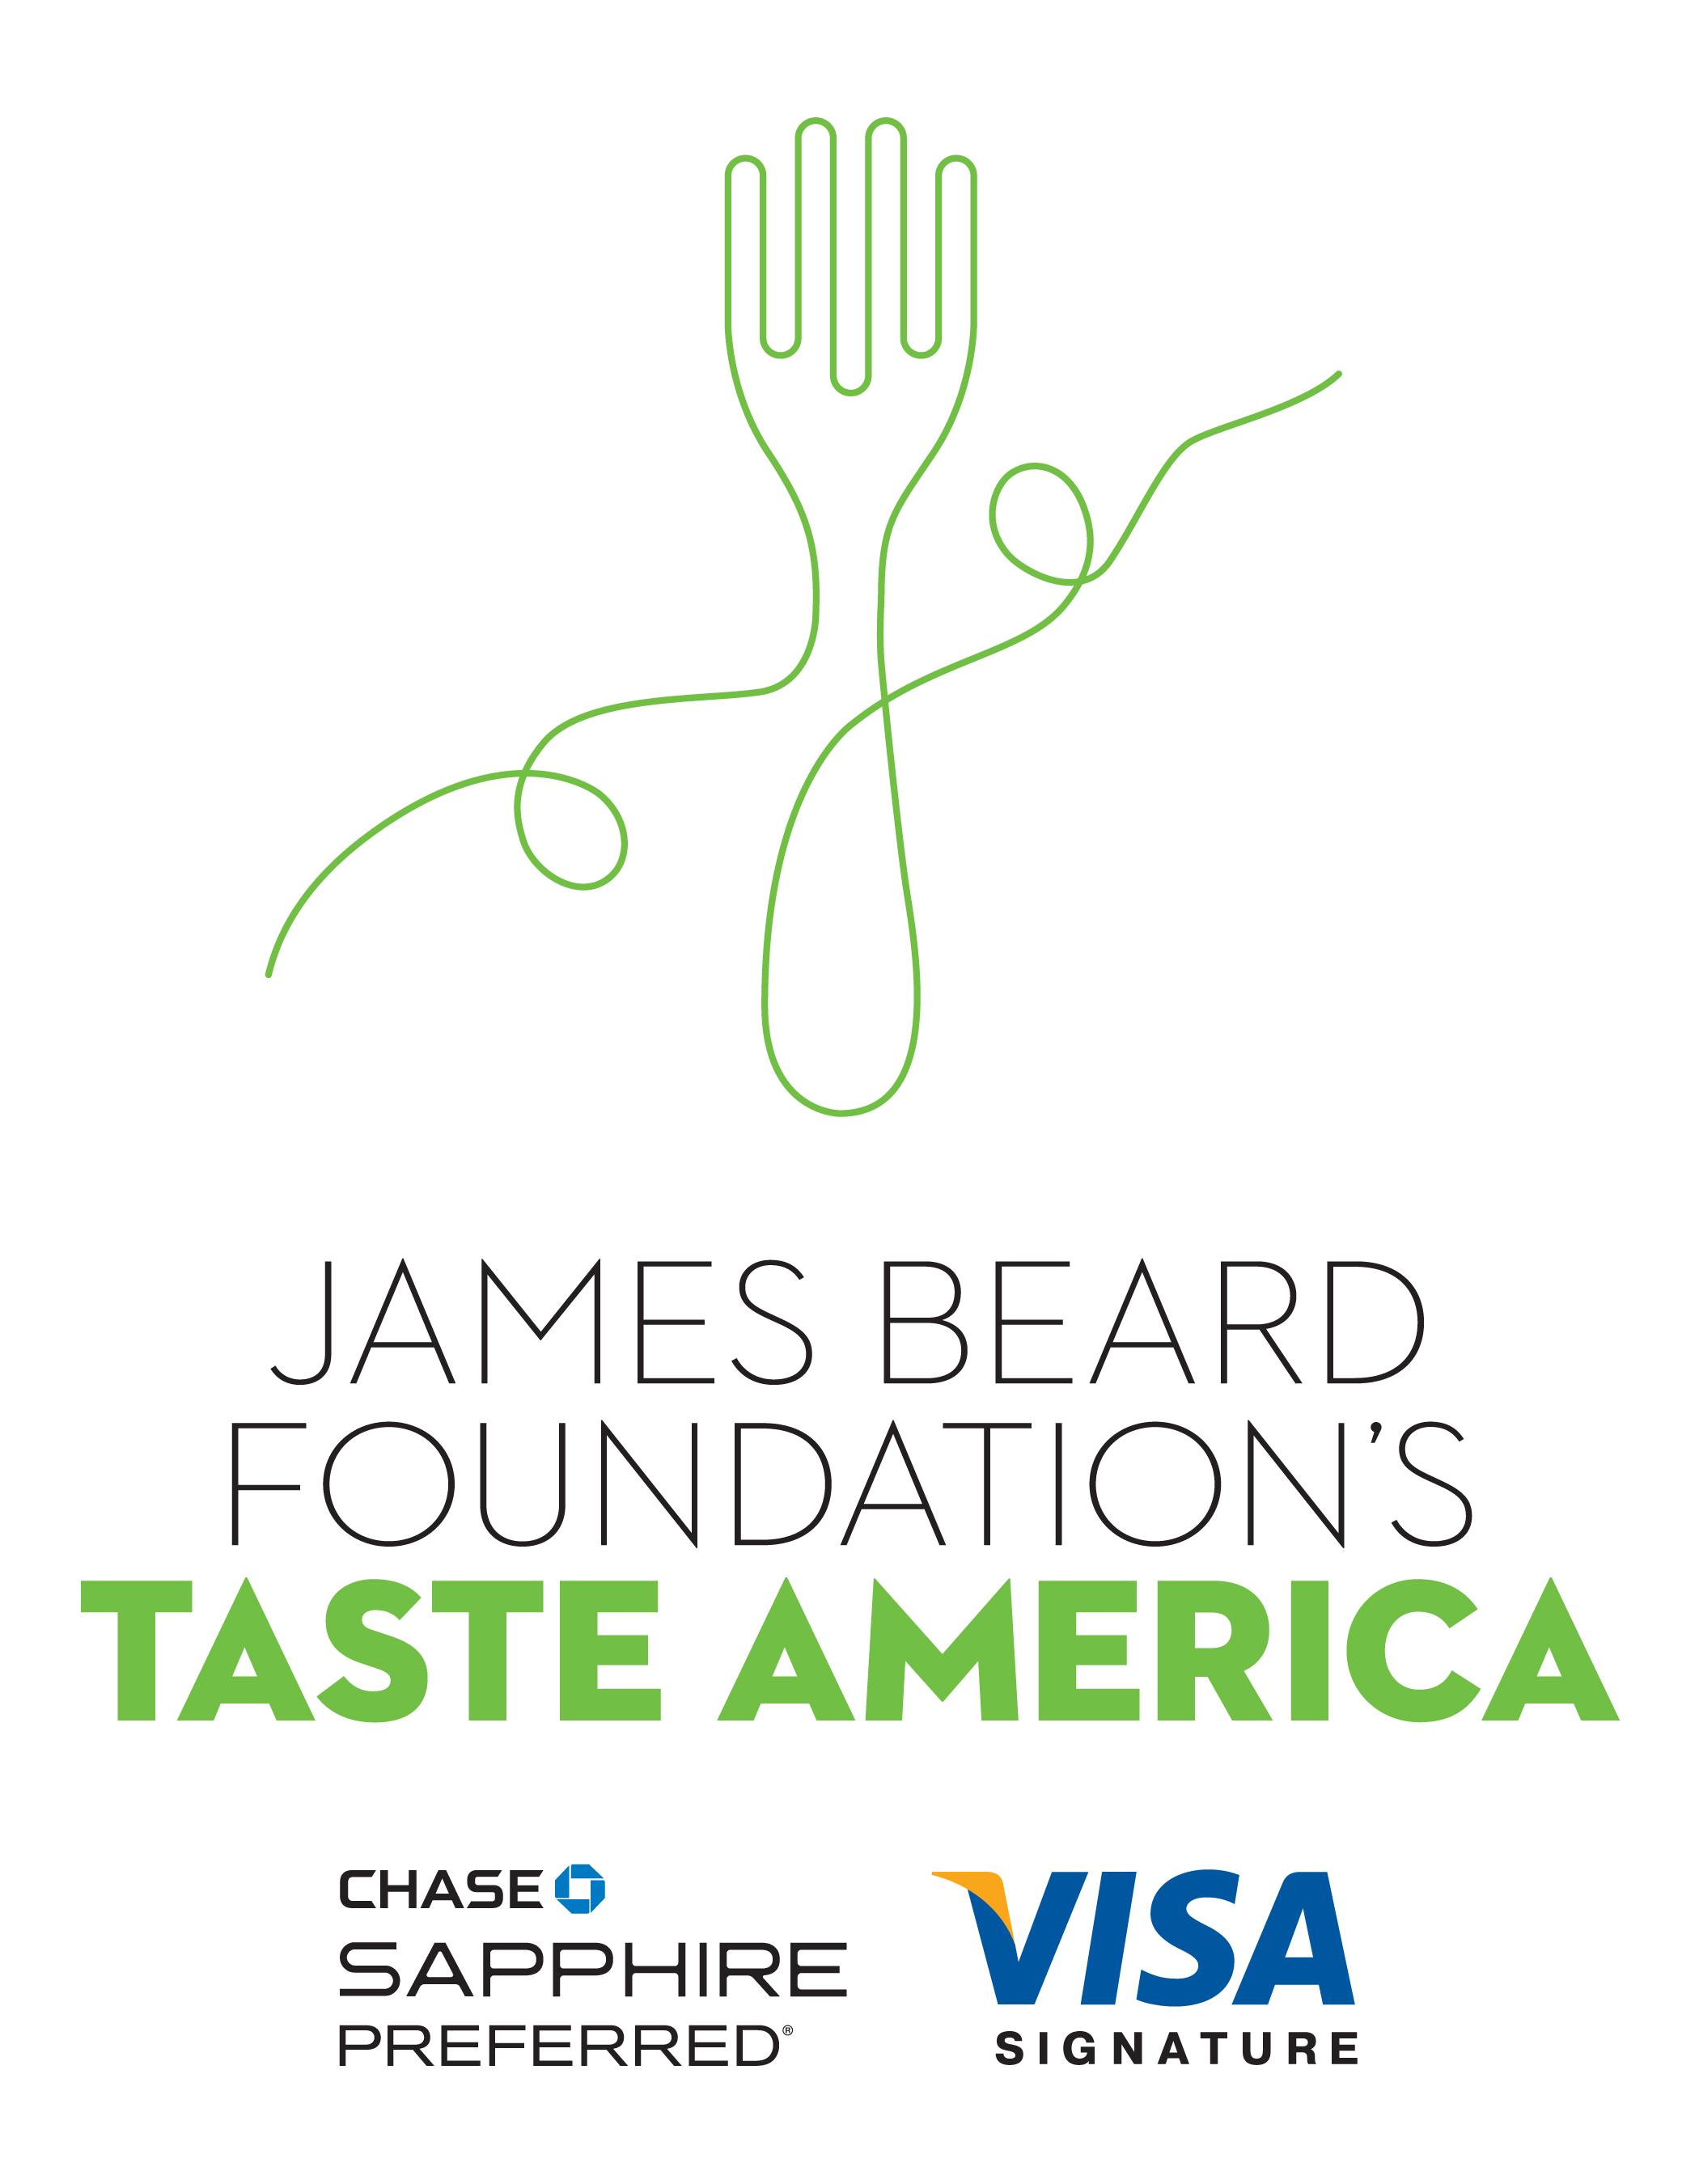 James Beard Foundation's Taste America: The Philadelphia Food Evolution